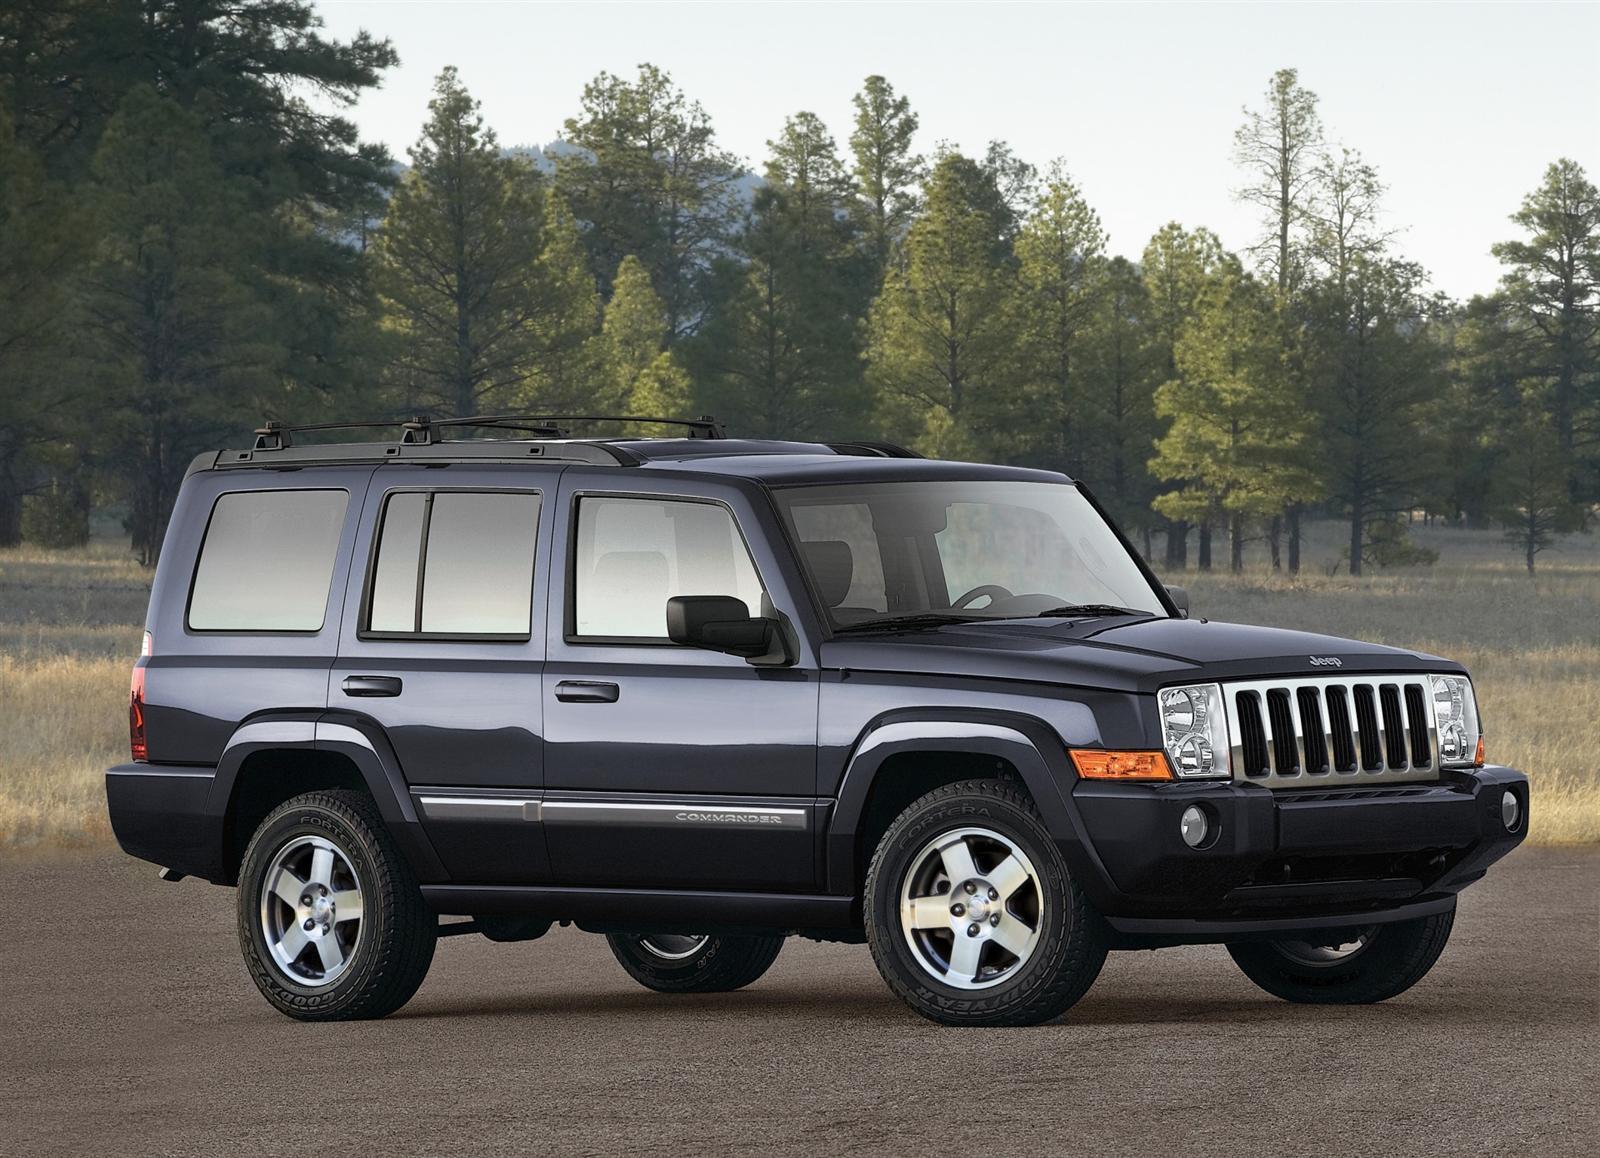 2011 jeep commander. Black Bedroom Furniture Sets. Home Design Ideas